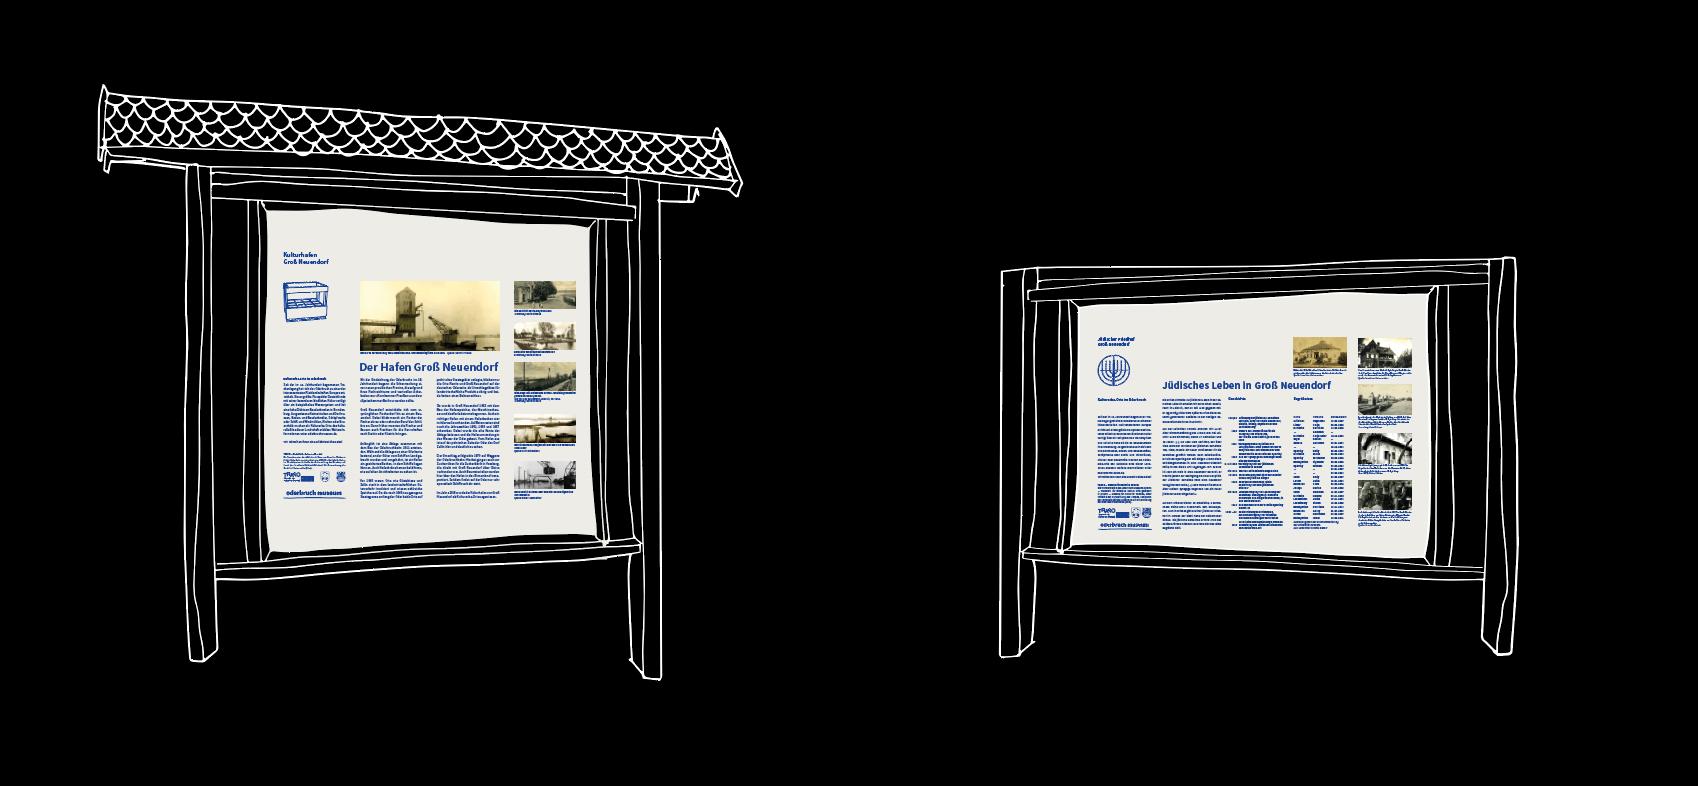 Oderbruch Museum Altranft, Logo, CI, Corporate Identity, Visuelle Identität, Schilder, Beschilderung, Hinweisschilder, Infotafeln